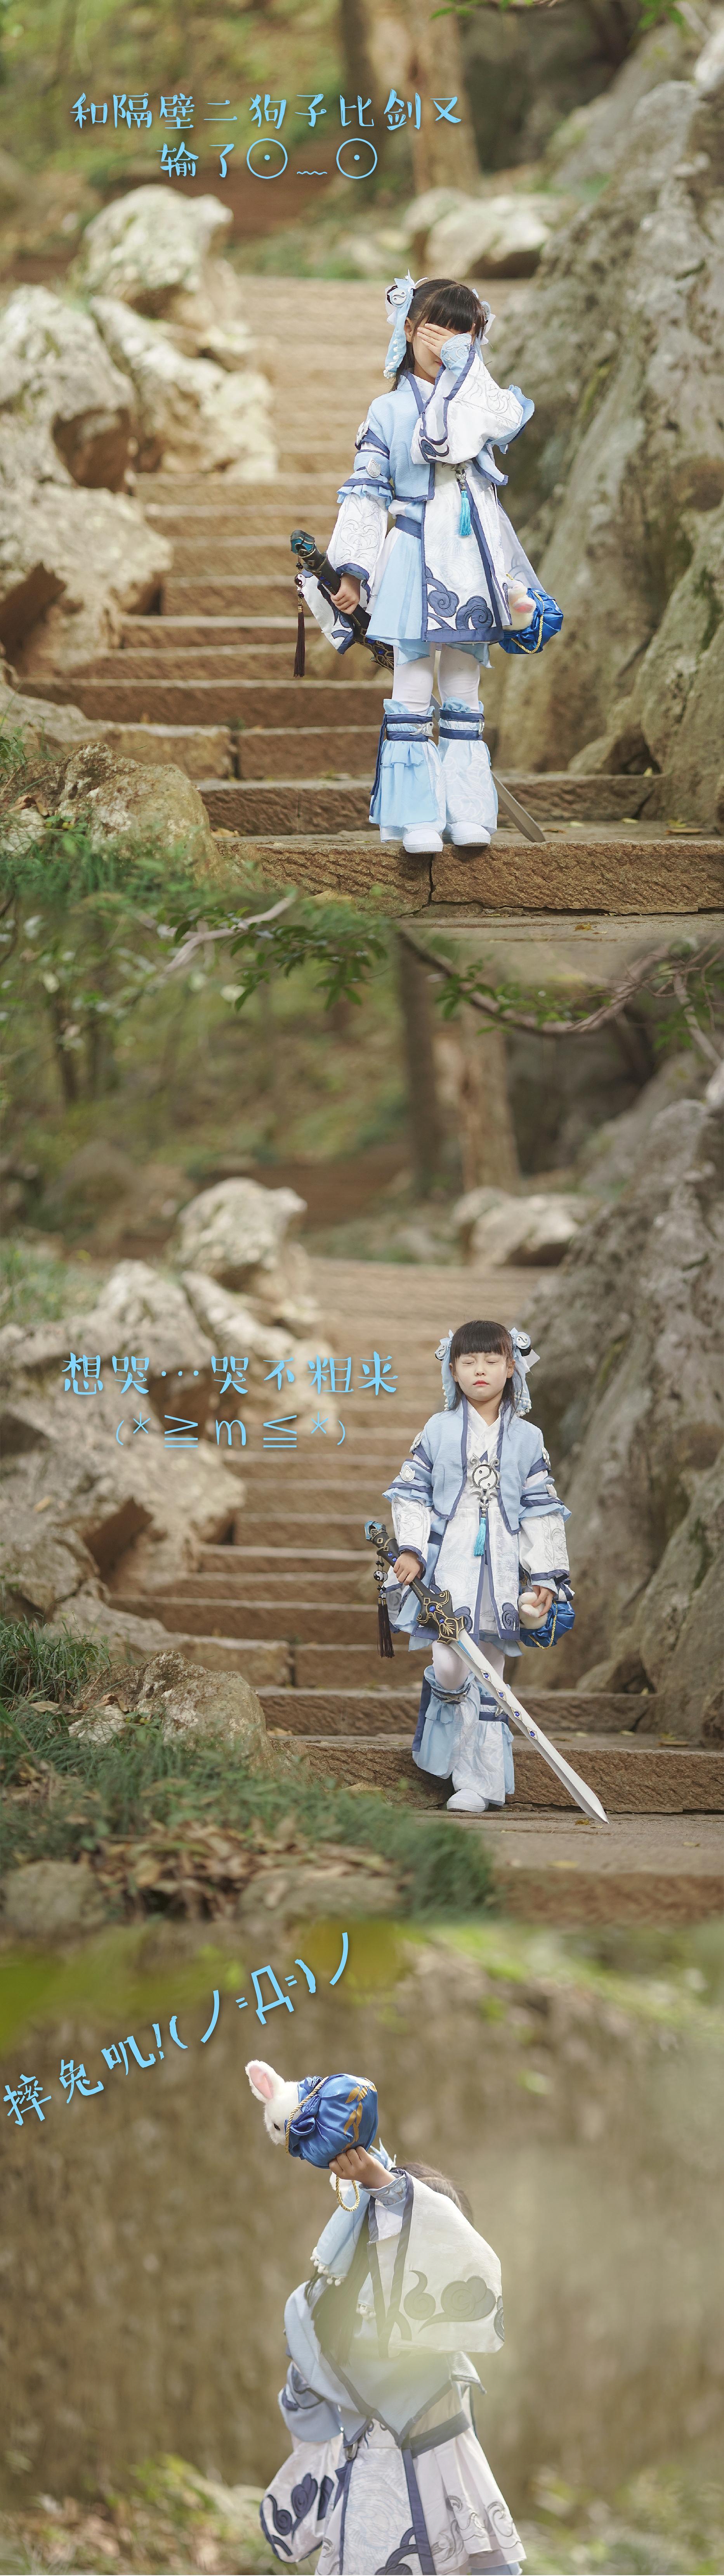 《剑侠情缘网络版叁》咩萝cosplay【CN:唐无邪i】-第4张